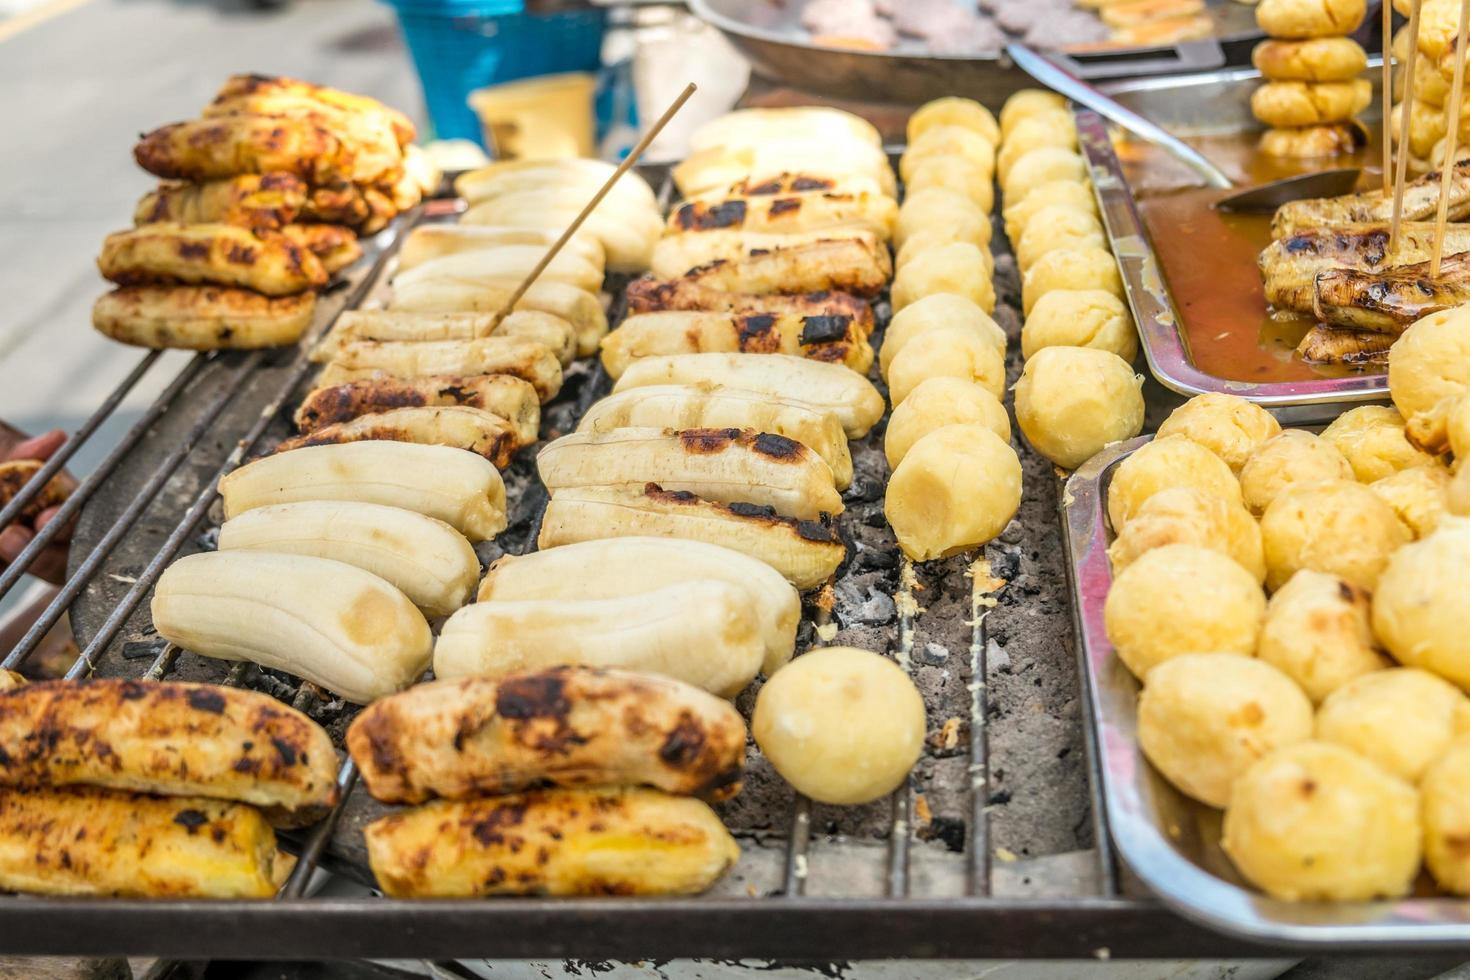 Banane grillée et patate douce en vente sur un marché local photo